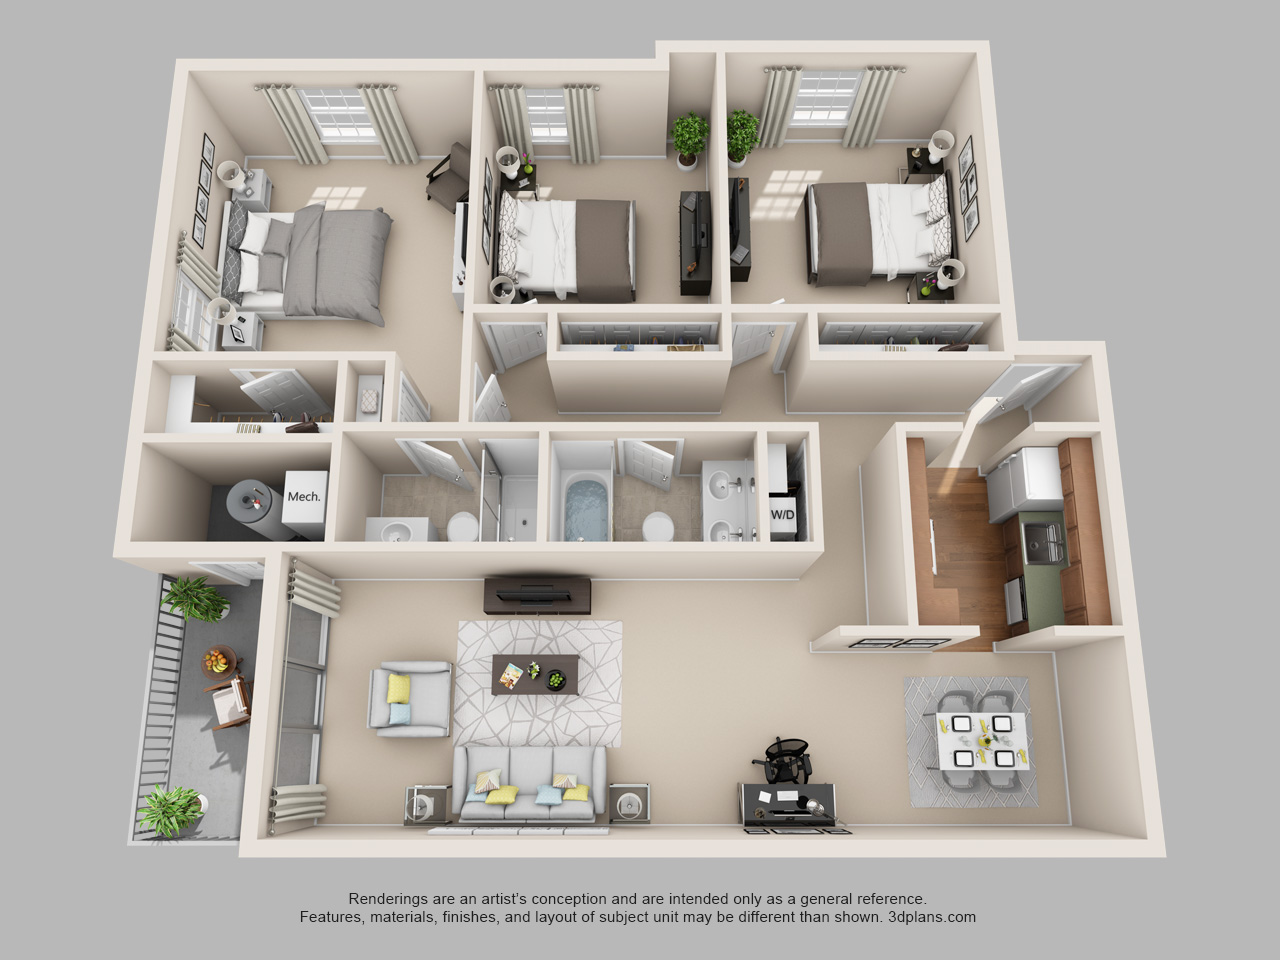 3 bedroom apartment in norristown